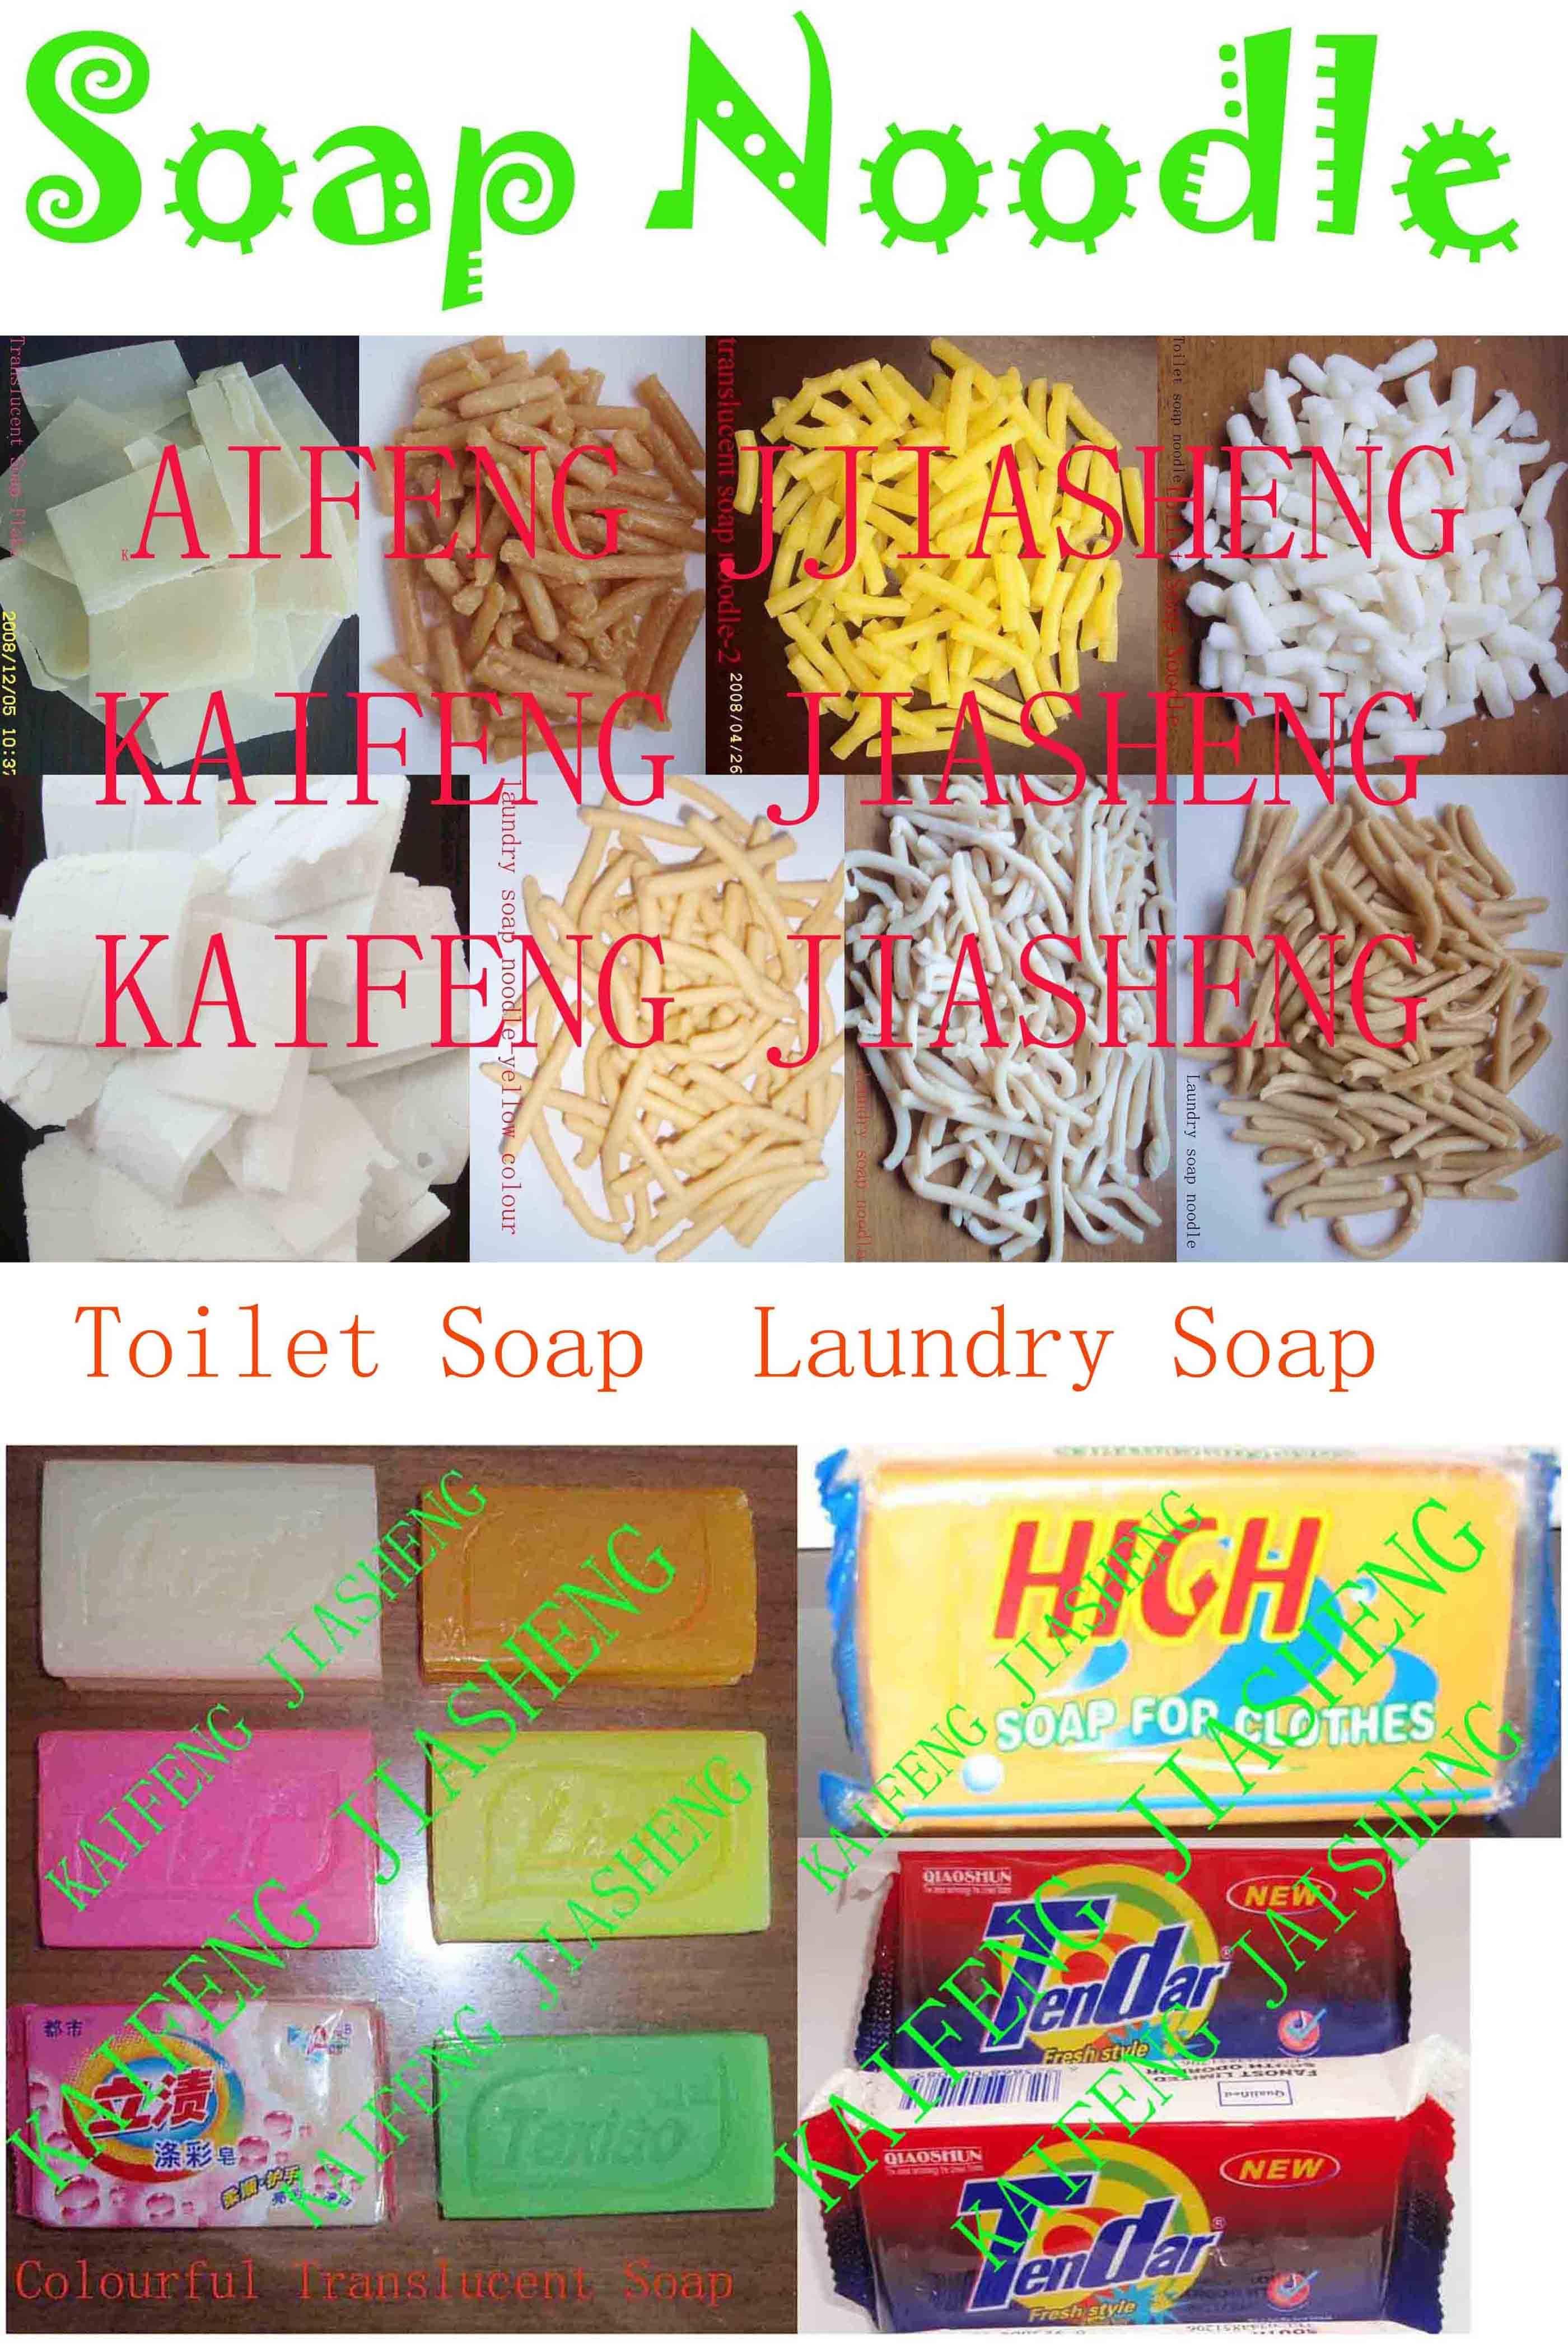 soap noodles/toilet soap noodle/laundry soap noodl/ toilet soap / laundry soap